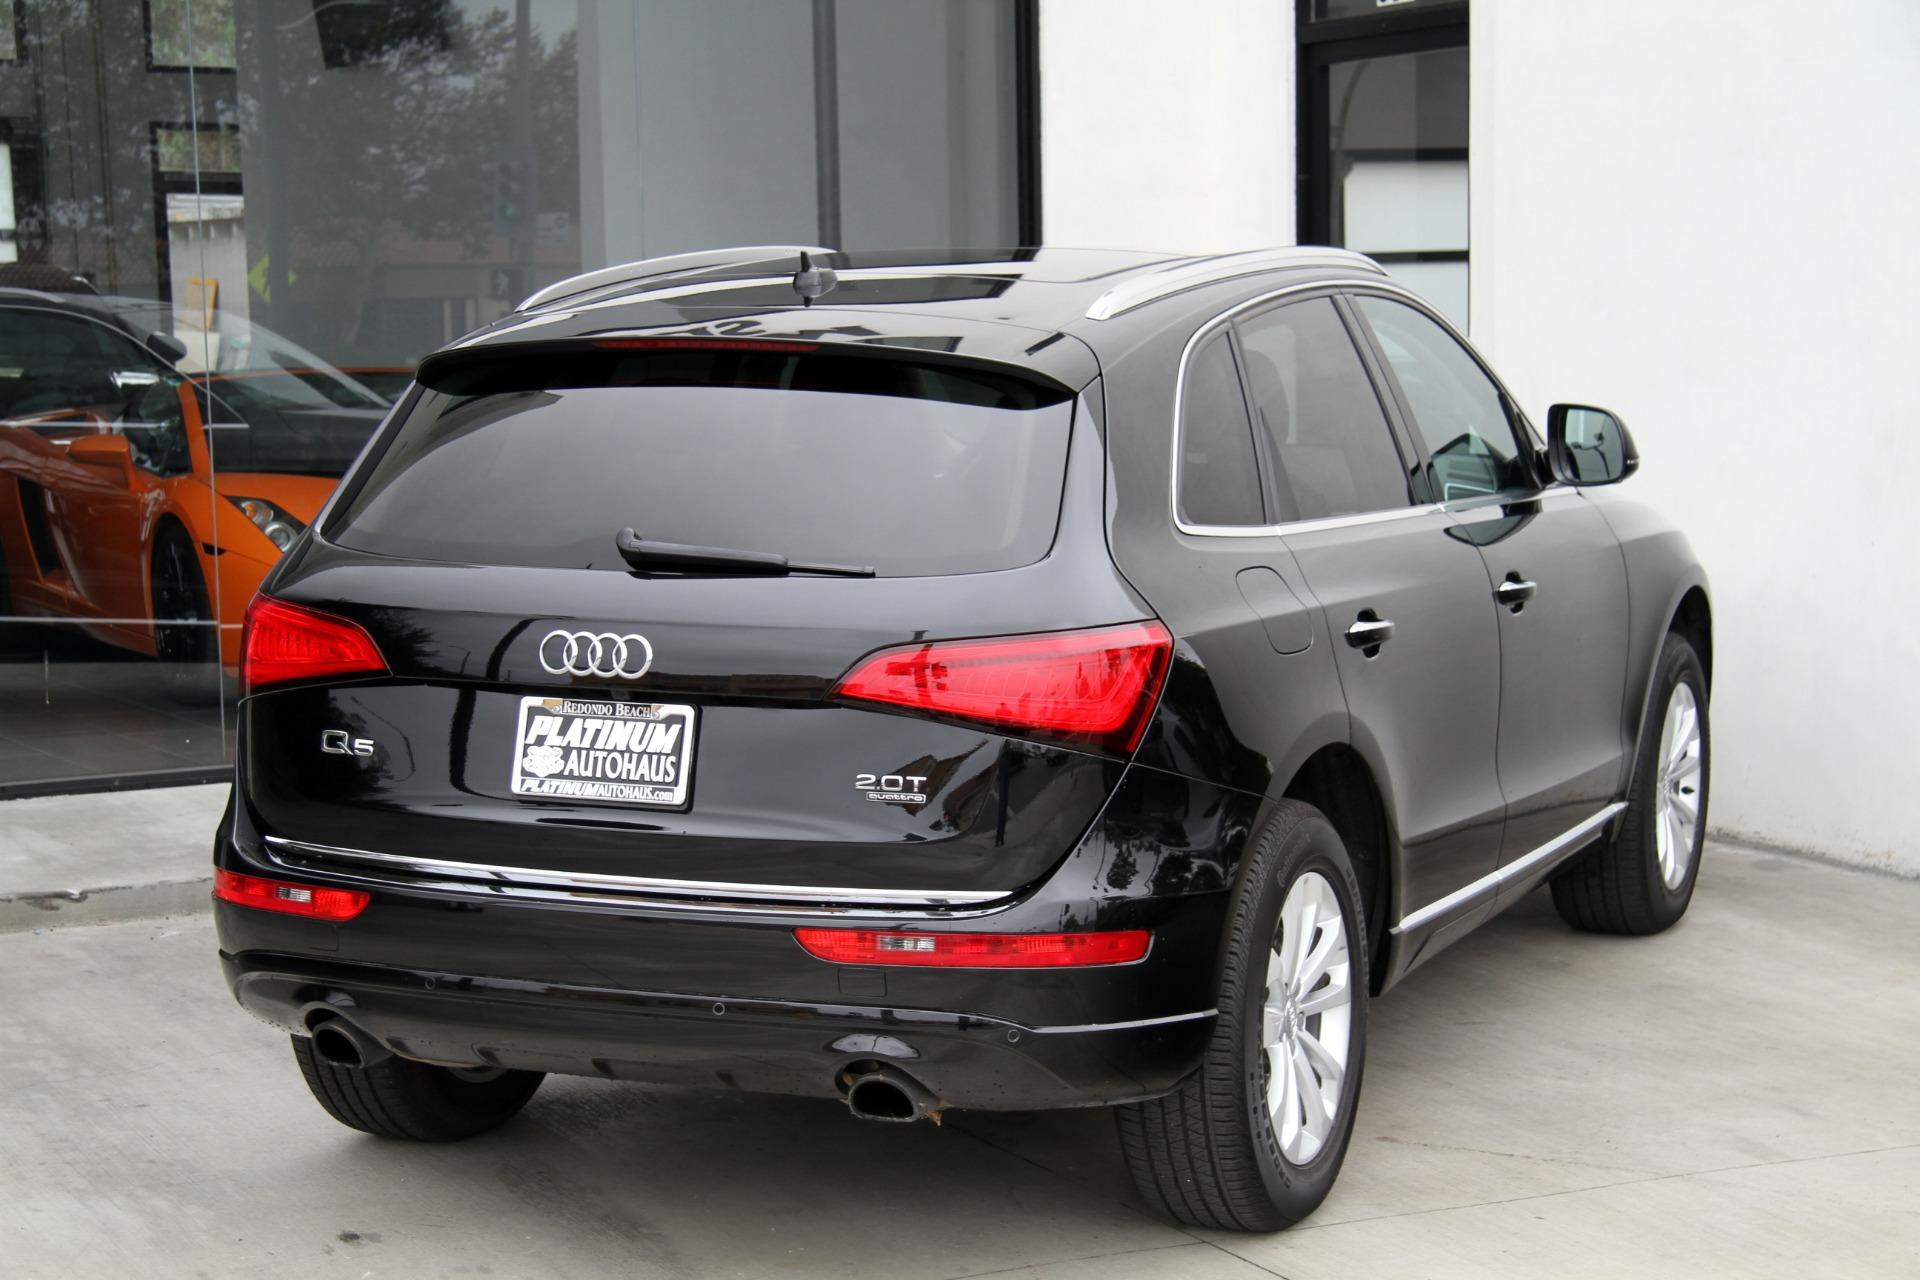 Audi Dealer Near Me >> 2015 Audi Q5 2.0T quattro Premium Plus *** LOW MILES ...